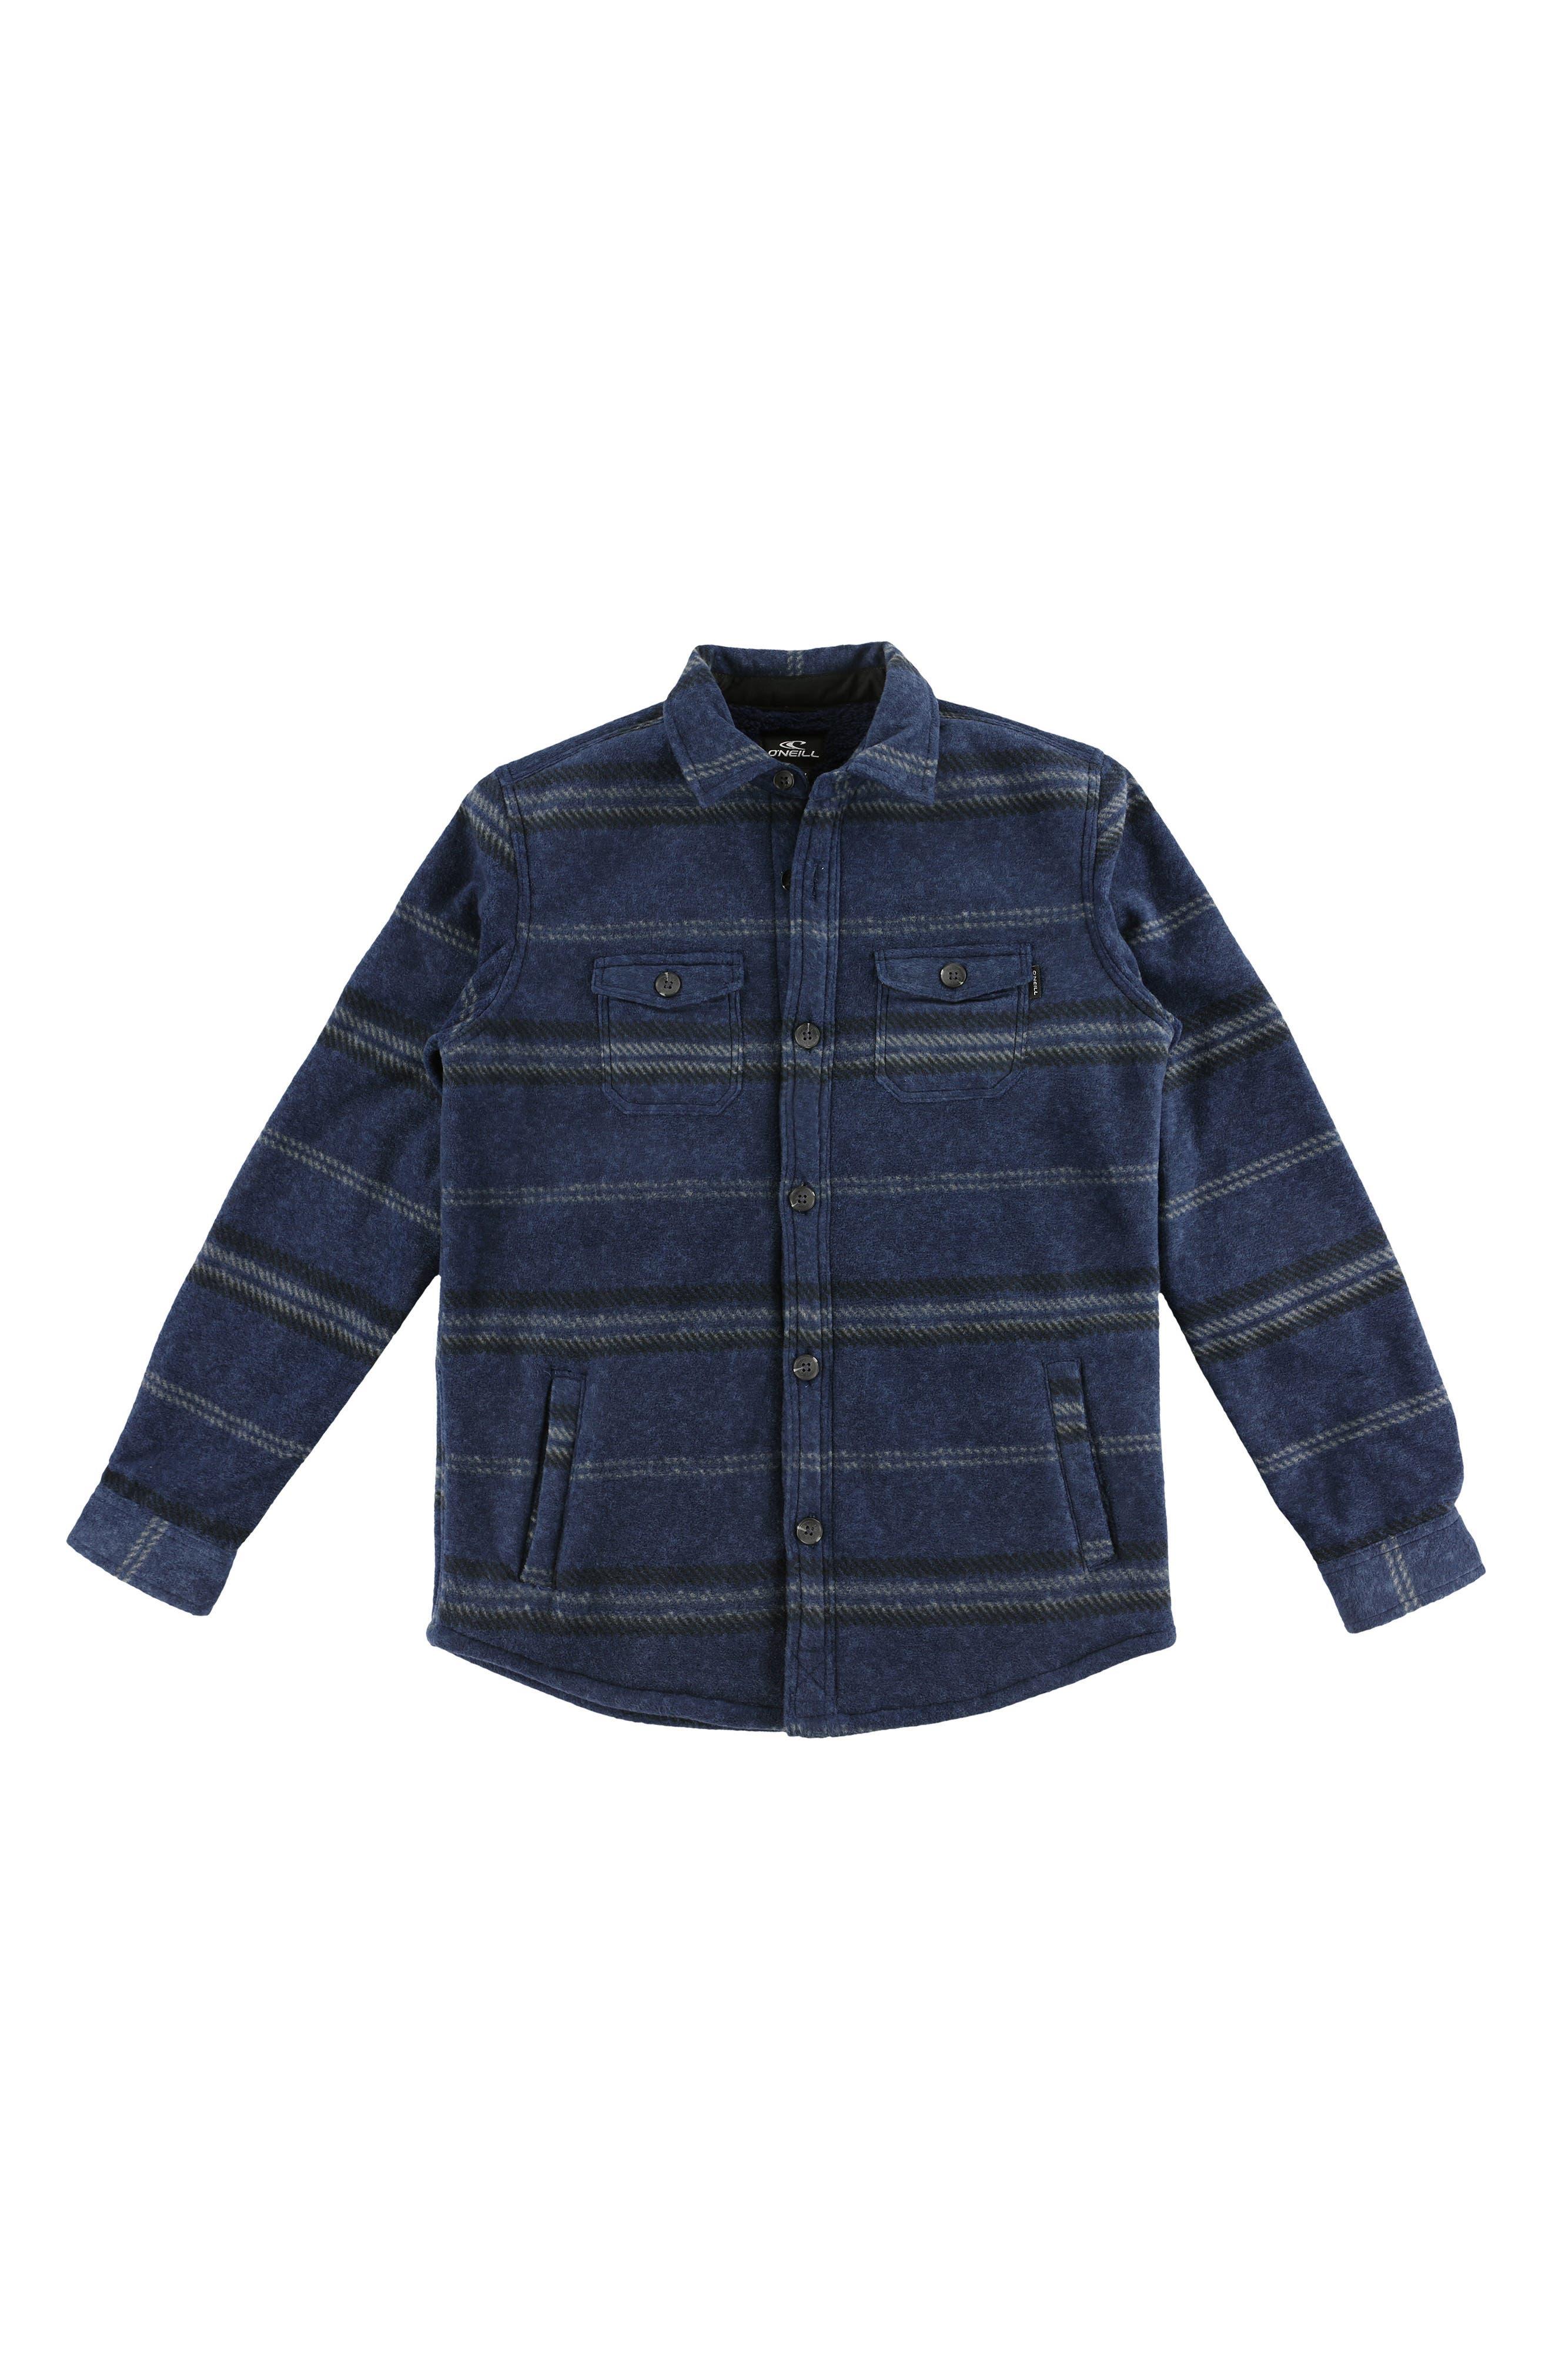 Glacier Shirt Jacket,                             Main thumbnail 1, color,                             NAVY HEATHER